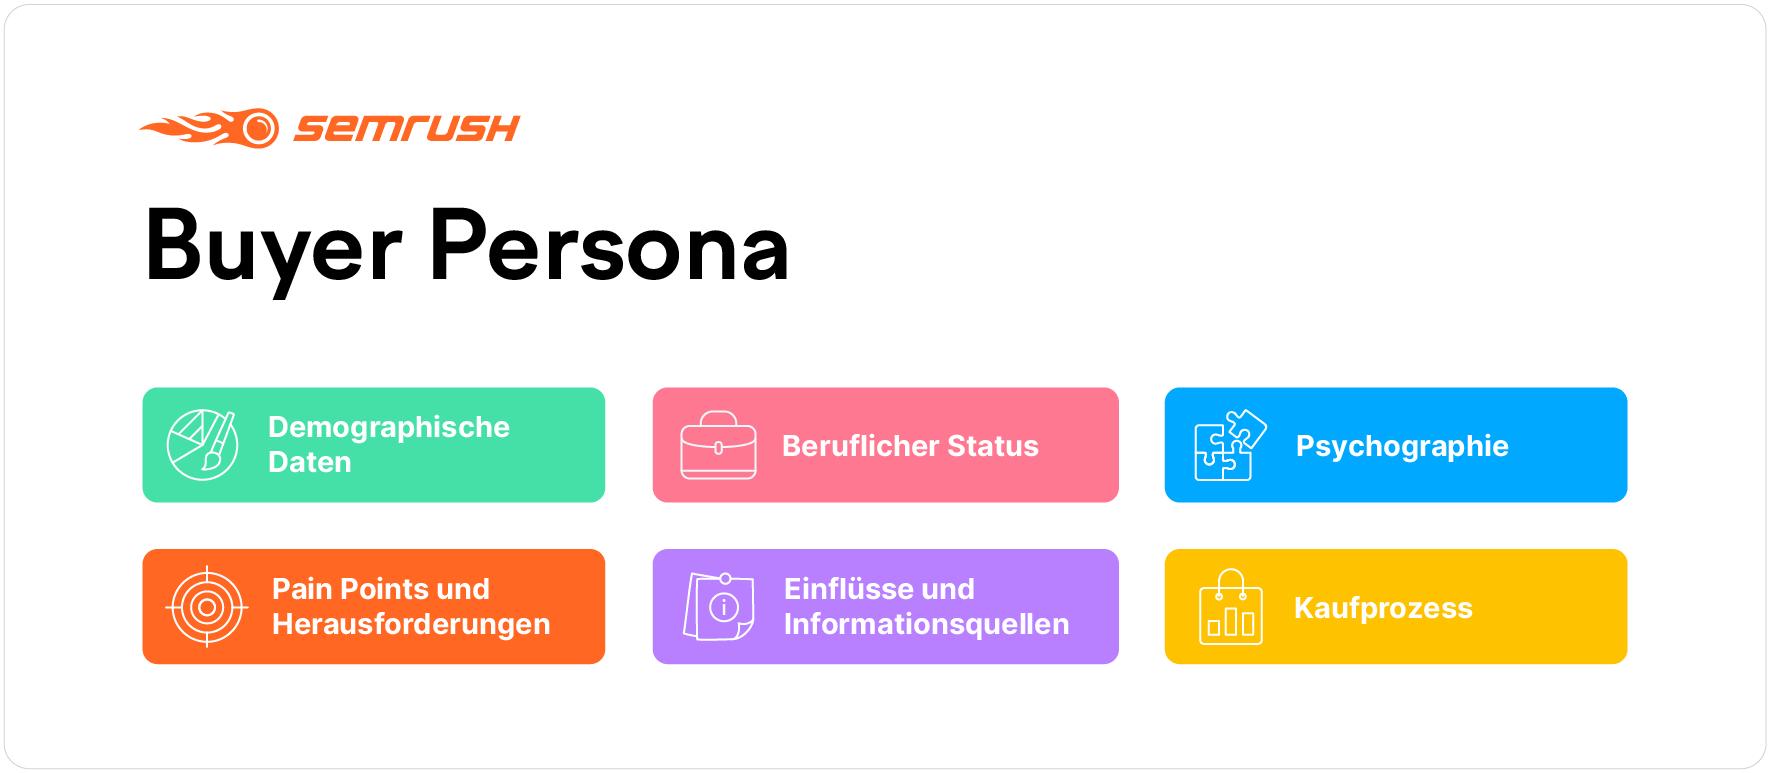 Charakteristiken der Buyer Persona